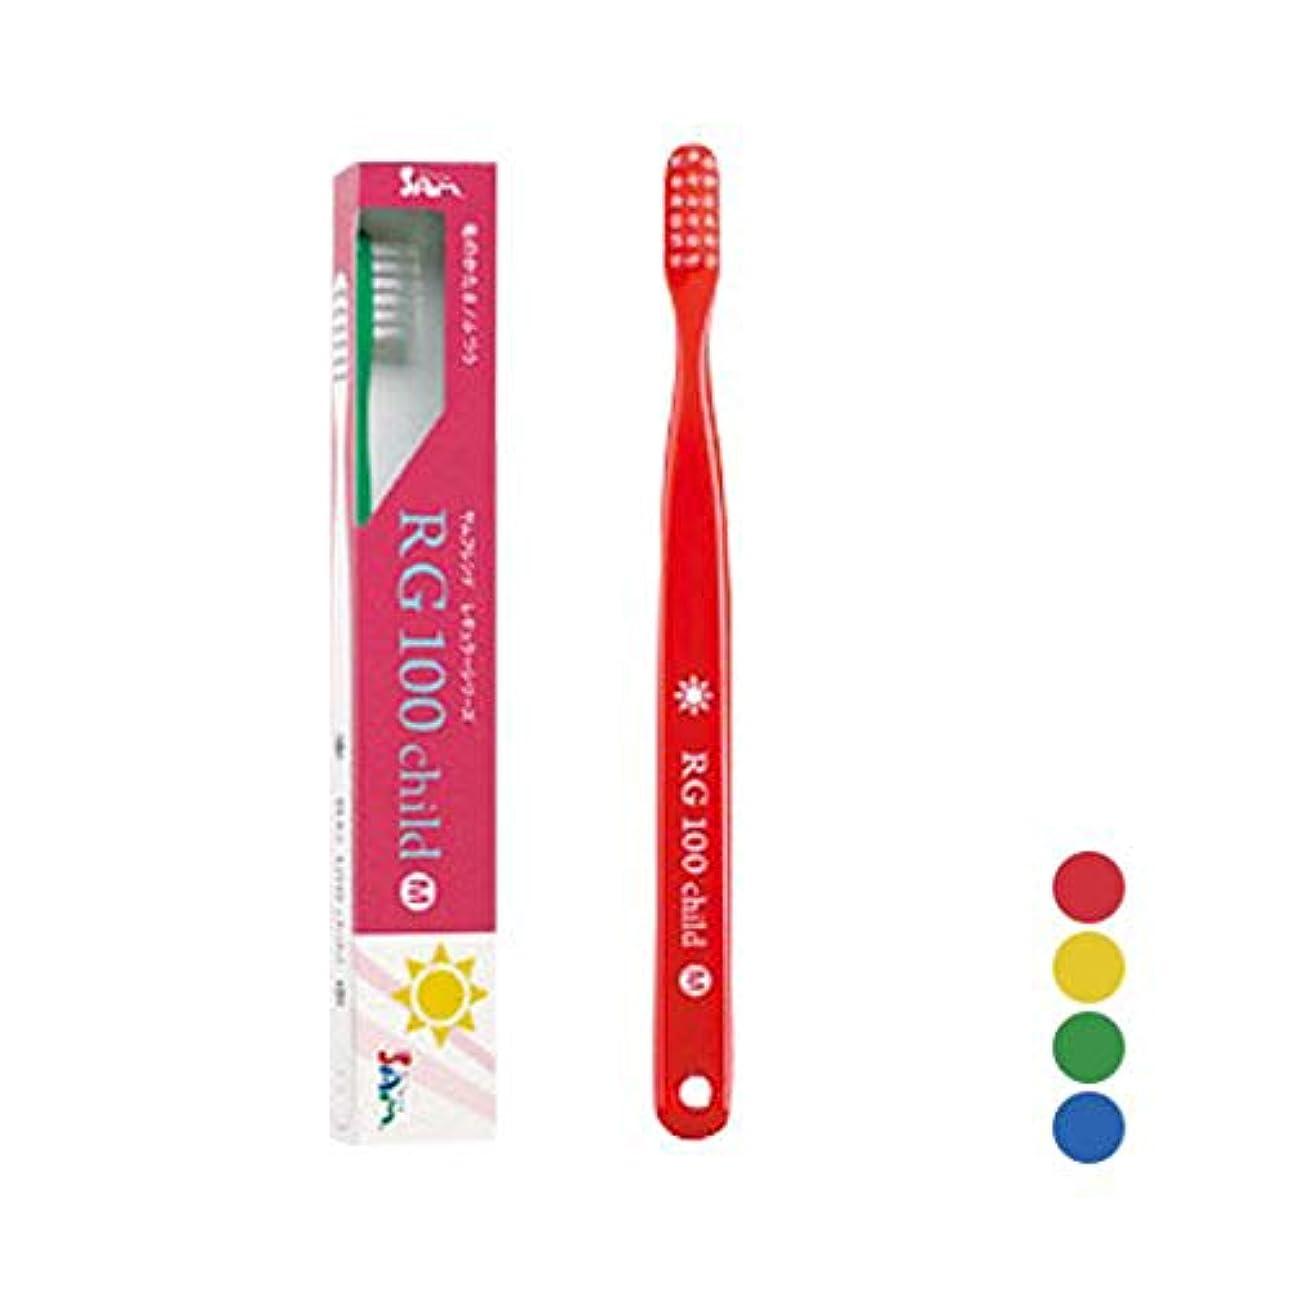 誘惑する原子ネックレットサムフレンド レギュラーシリーズ RG100 チャイルド M(ふつう)歯ブラシ × 12本